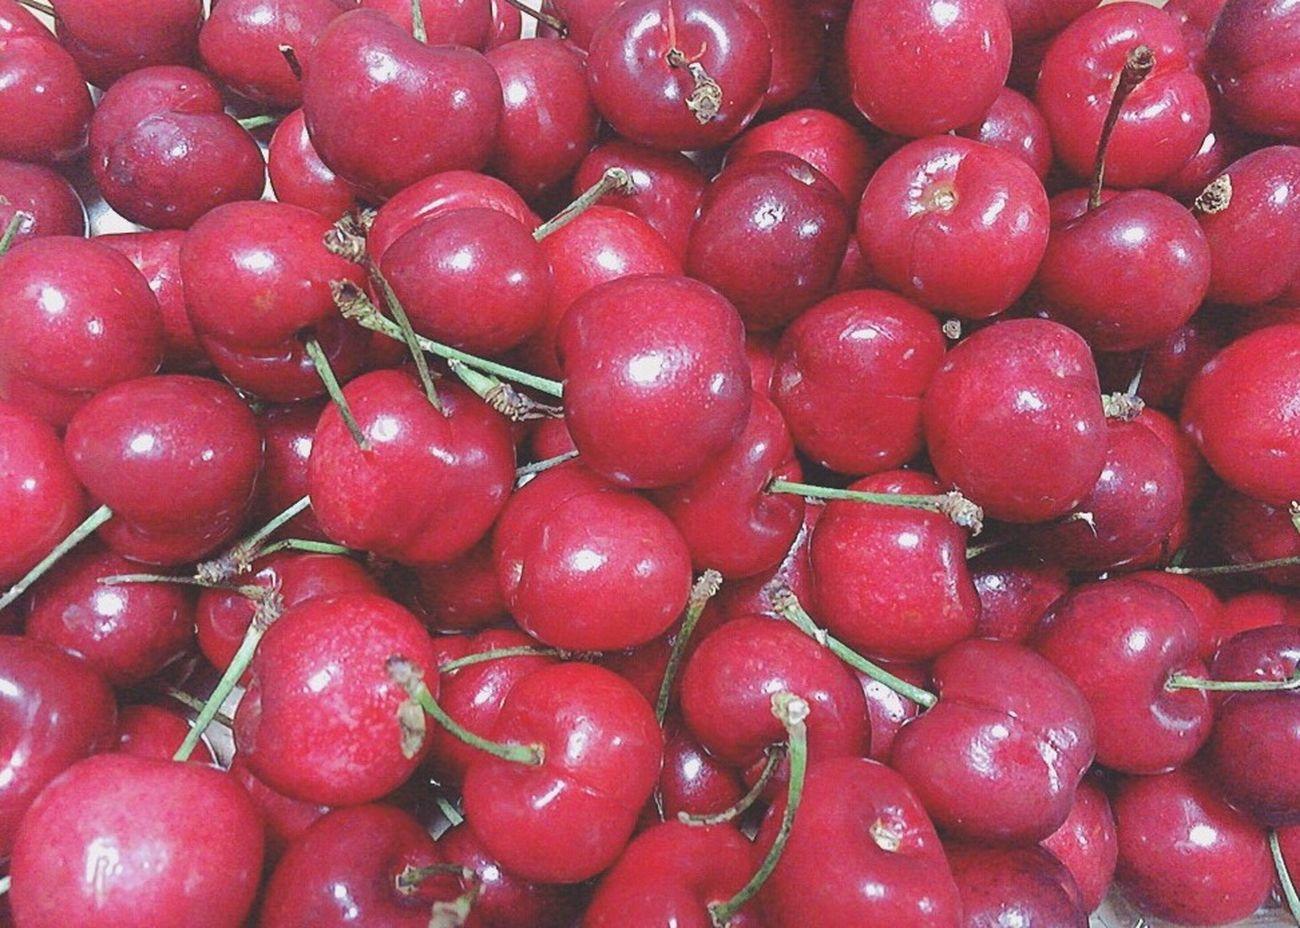 Cherry🍒 in costco🏠 私の大好きなさくらんぼを大量に買いました🍒💜ぱくぱく Cherry Costco Kyoto